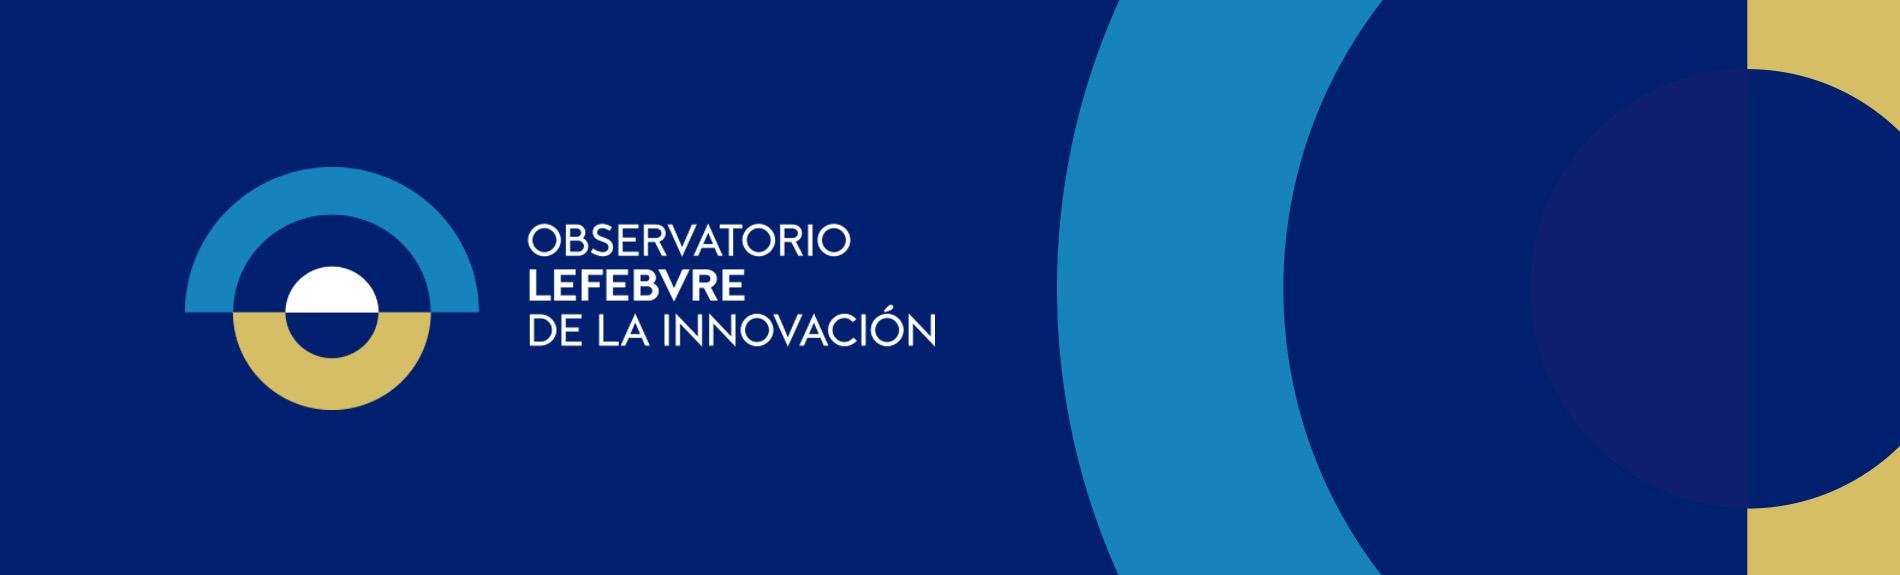 Lefebvre reafirma su apuesta por la innovación con la creación del Observatorio de la Innovación